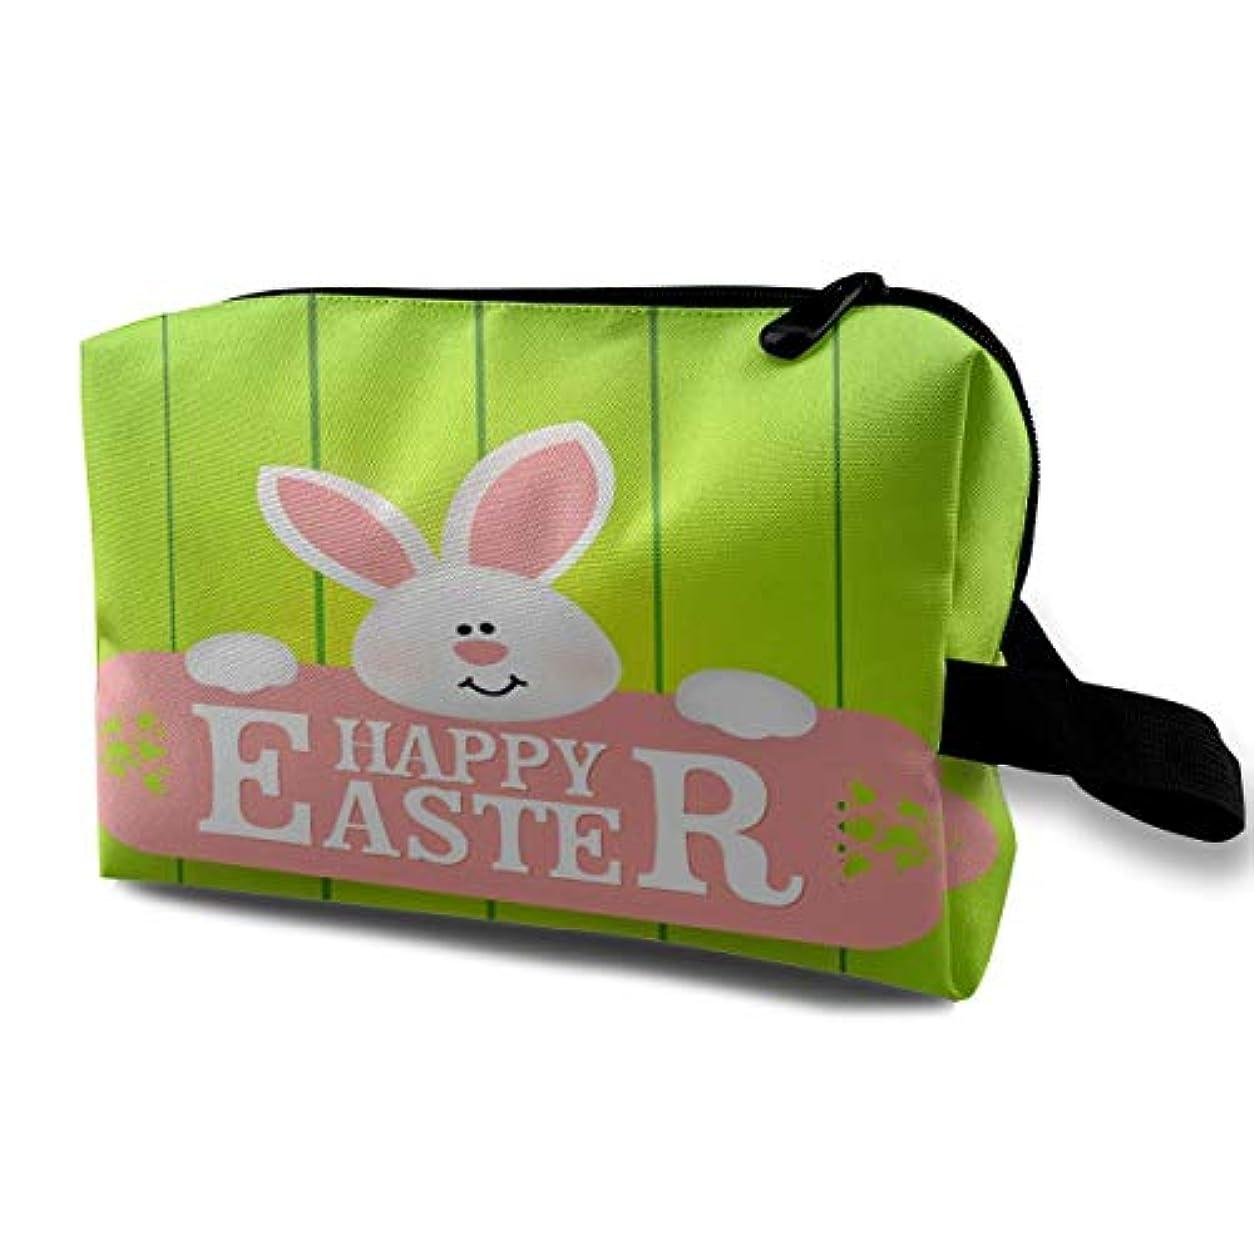 恥以前は写真Easter Bunny & Eggs 収納ポーチ 化粧ポーチ 大容量 軽量 耐久性 ハンドル付持ち運び便利。入れ 自宅?出張?旅行?アウトドア撮影などに対応。メンズ レディース トラベルグッズ